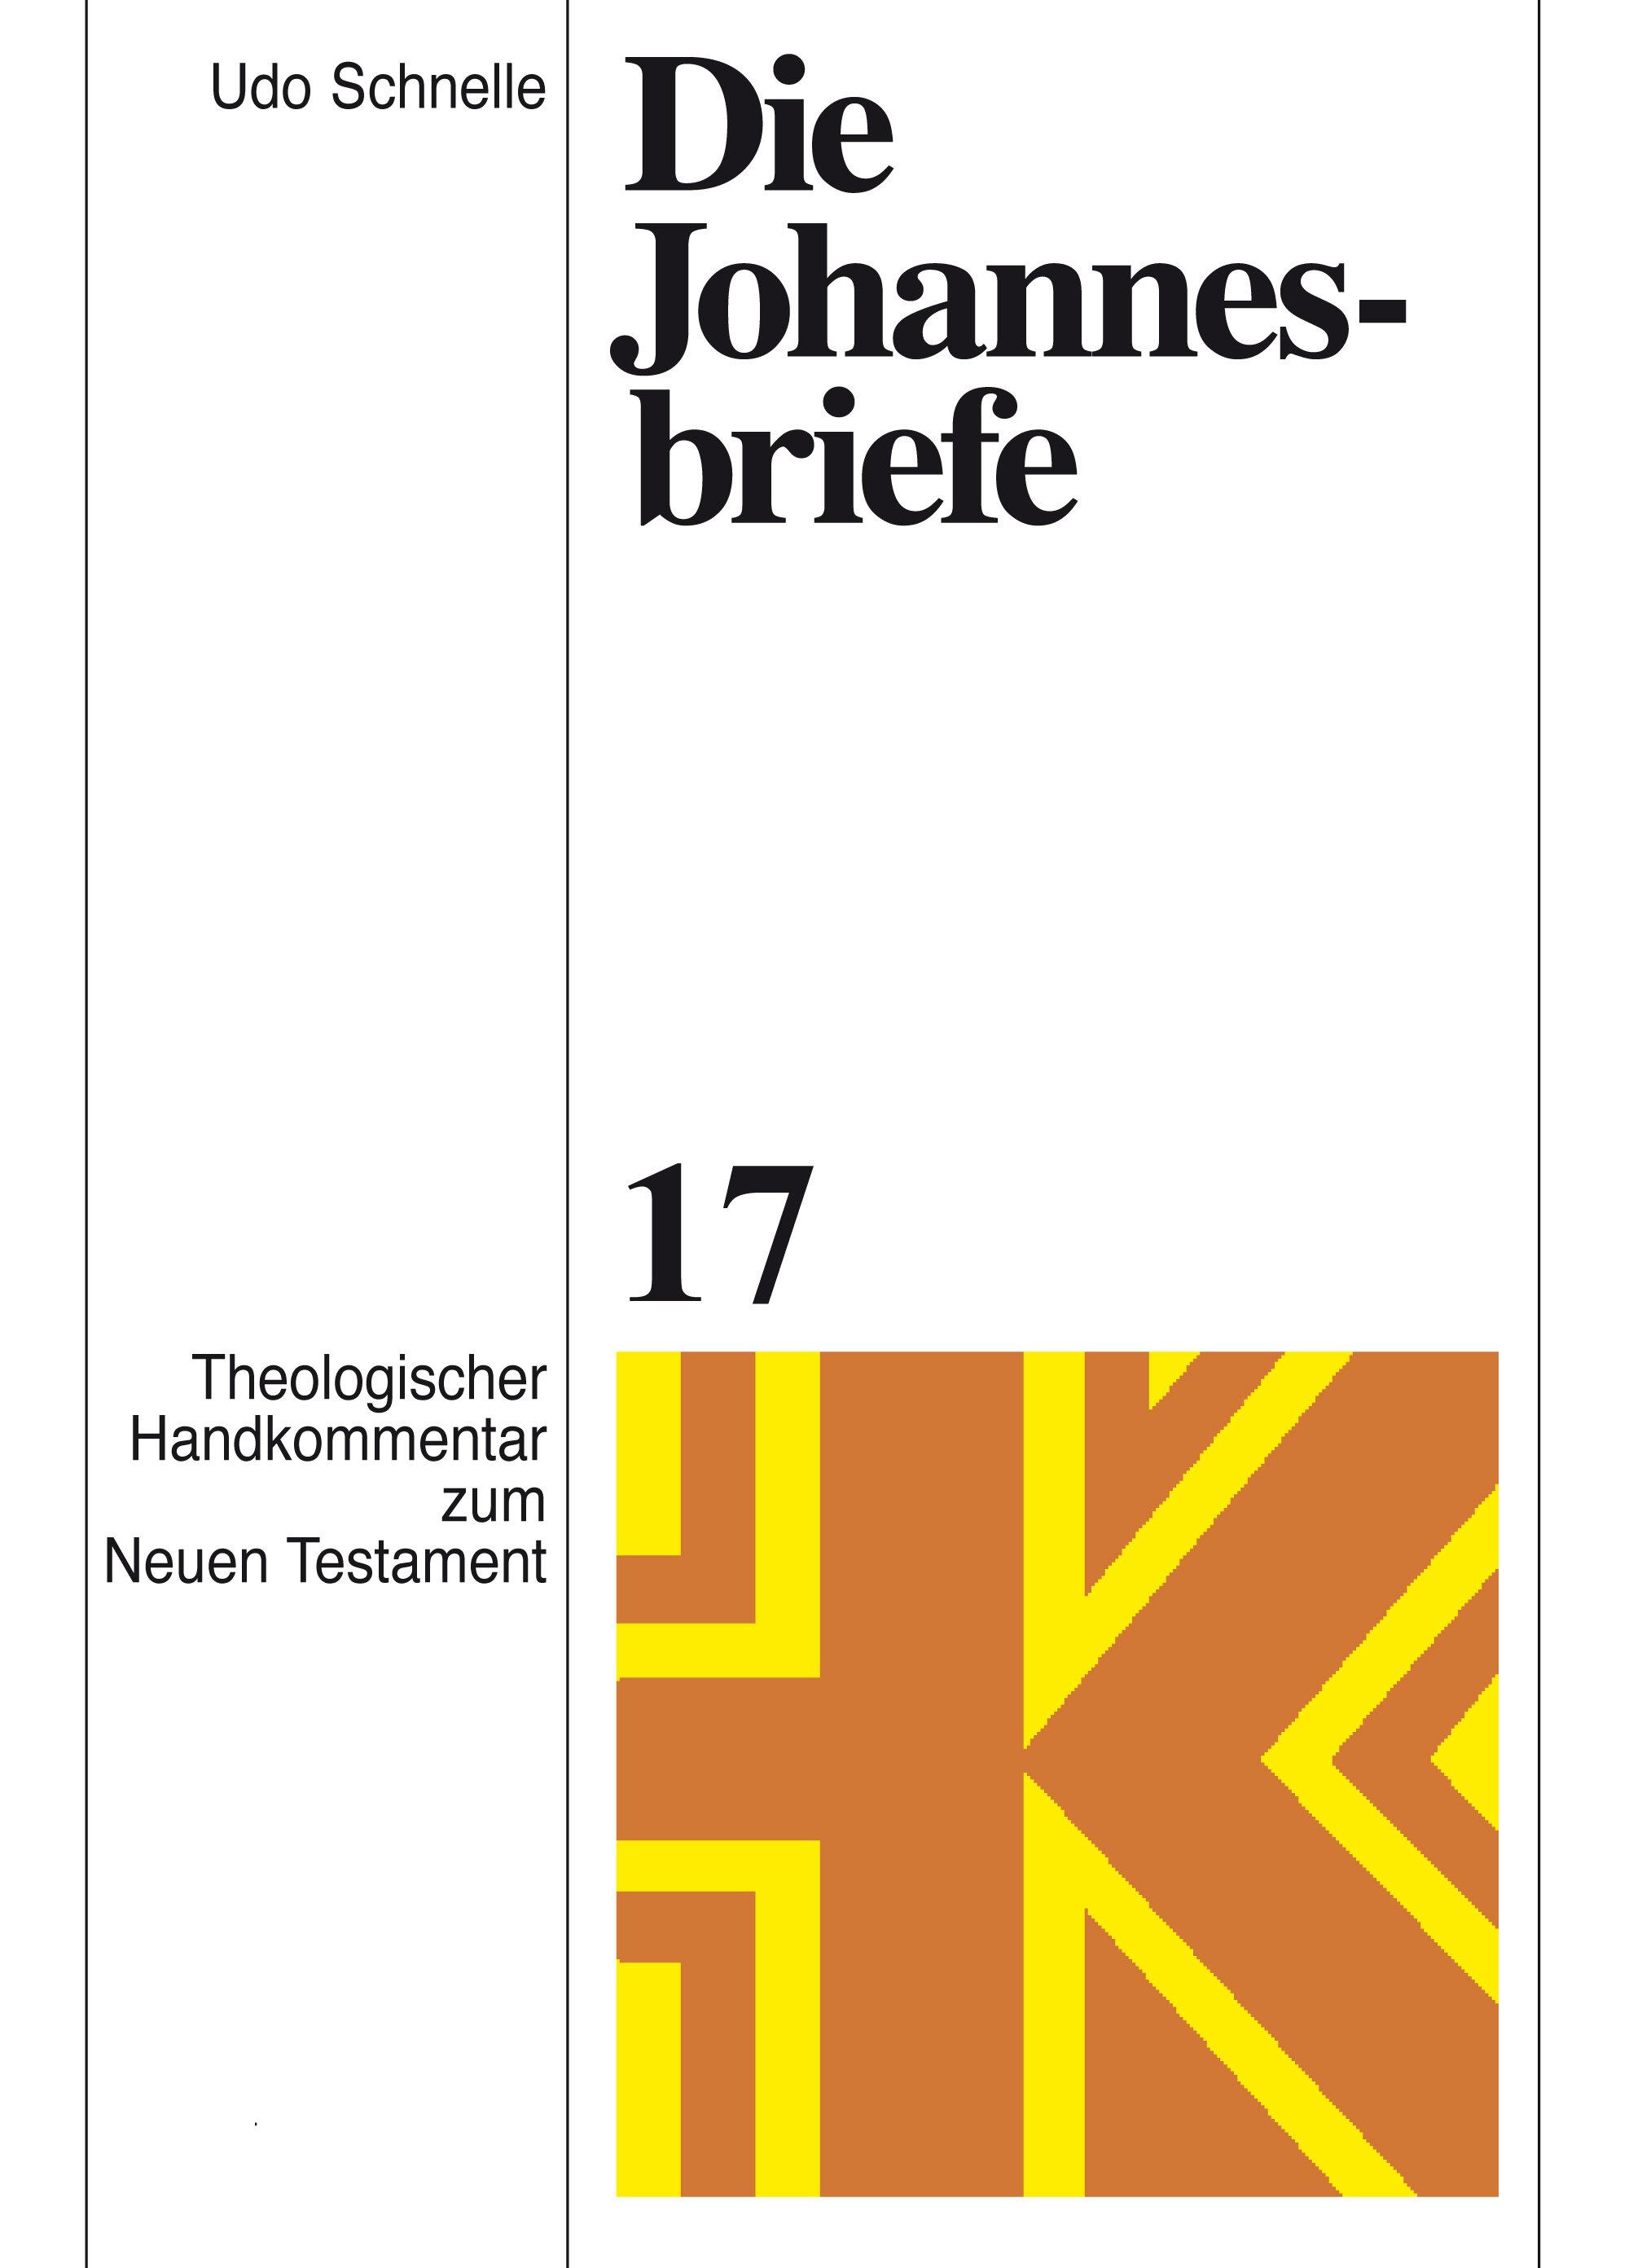 Die Johannesbriefe (Theologischer Handkommentar zum Neuen Testament | ThHK)